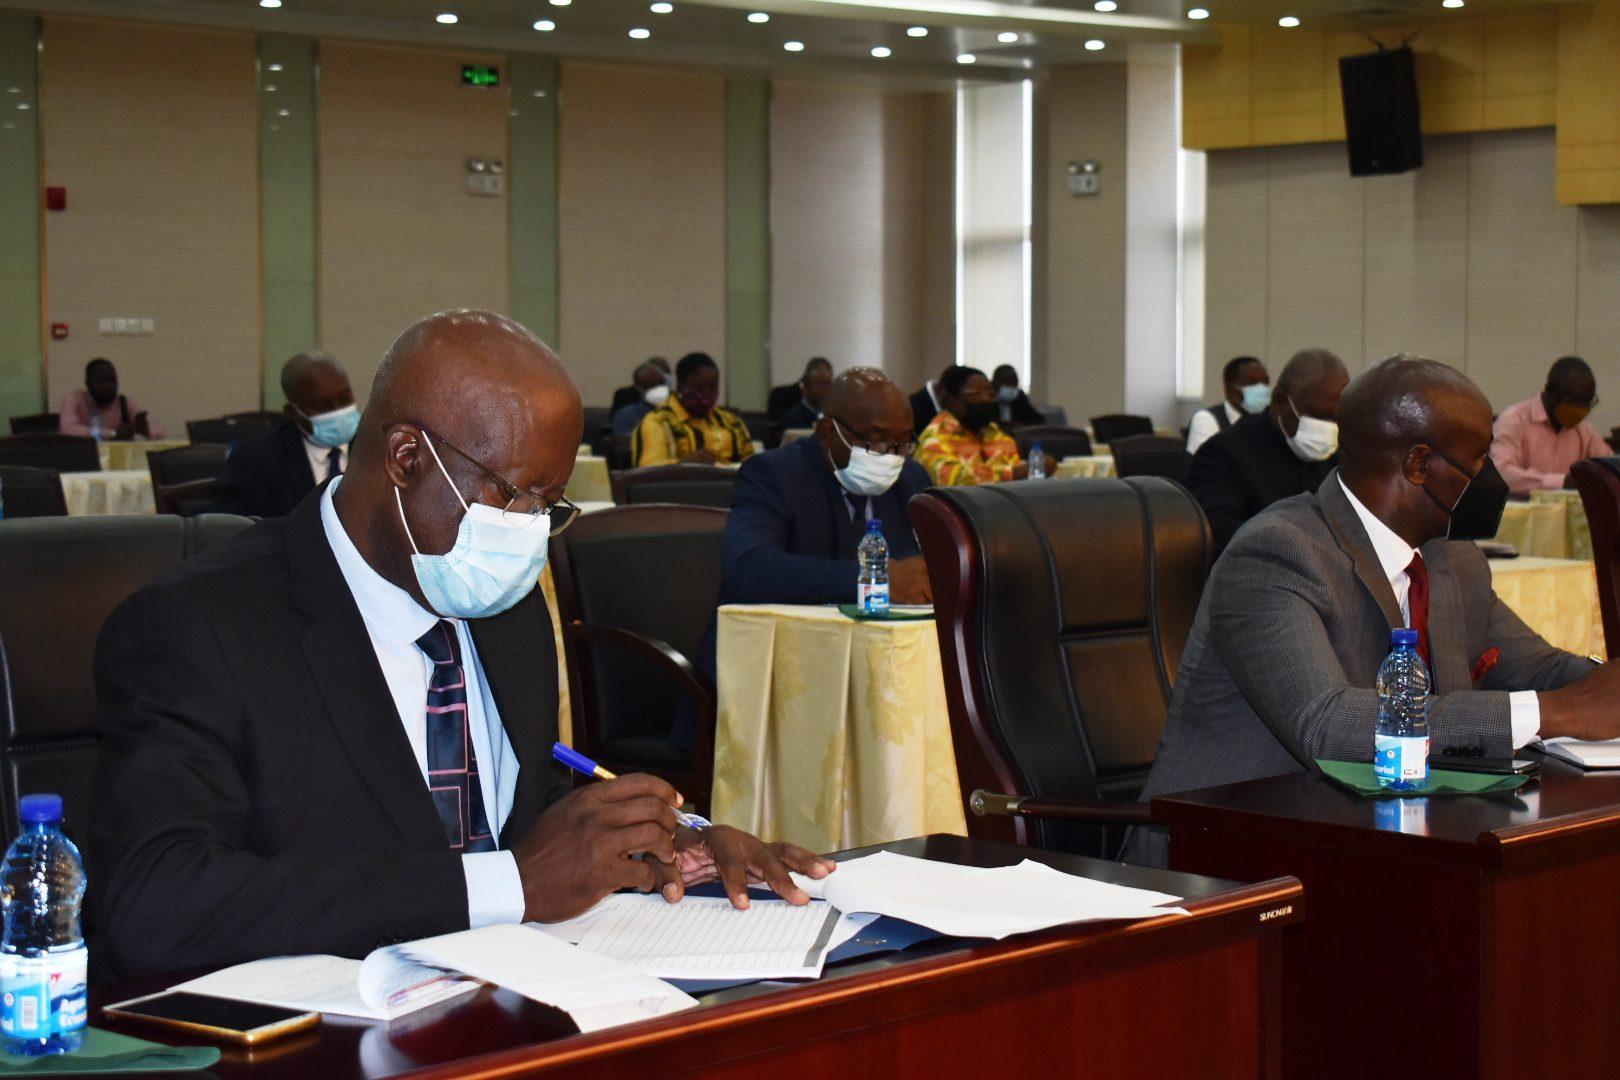 El Gobierno pretende implementar un mejor control sobre las nóminas de los funcionarios públicos